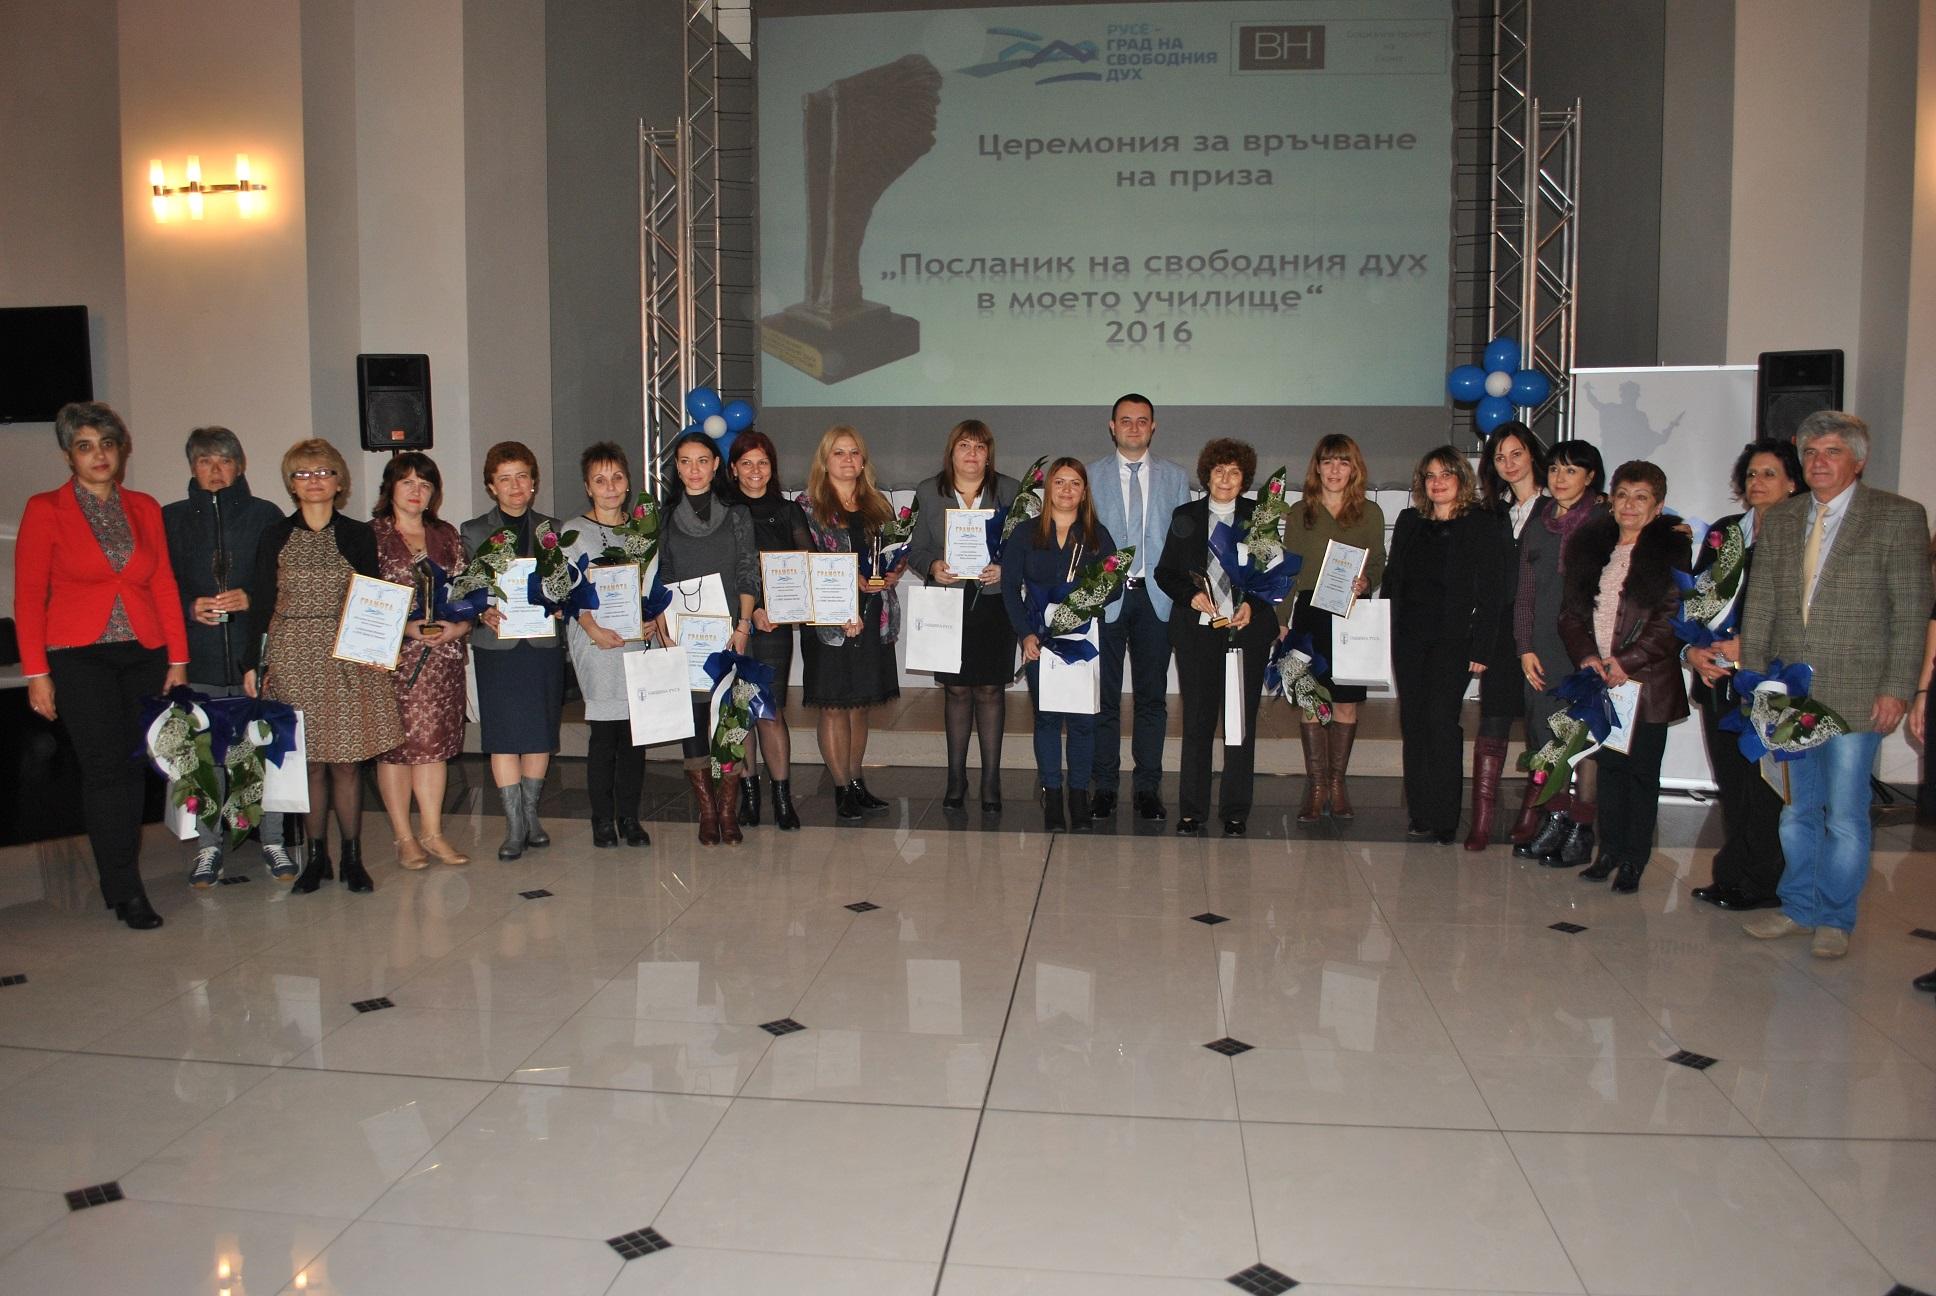 Photo of Новите будители – учителите, посланици на свободния дух в училище